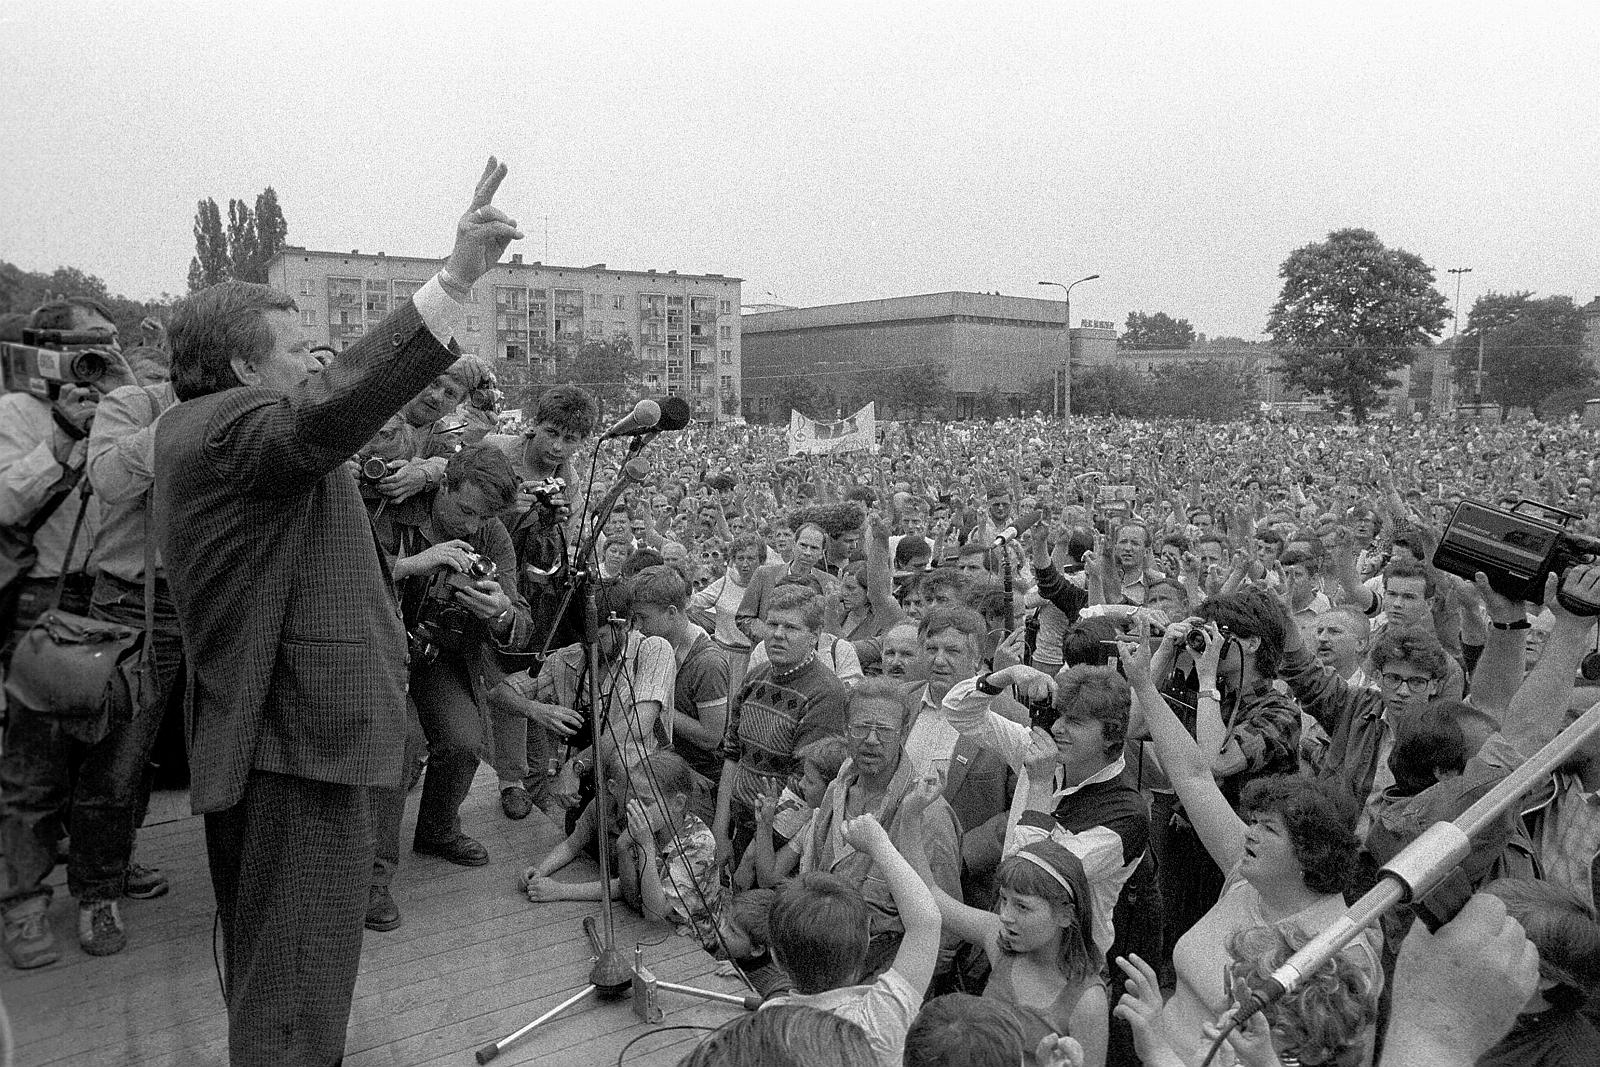 |20.05.1989 Bydgoszcz . Lech Walesa przemawia podczas wiecu przedwyborczego .Fot. Slawomir Sierzputowski / Agencja Gazeta